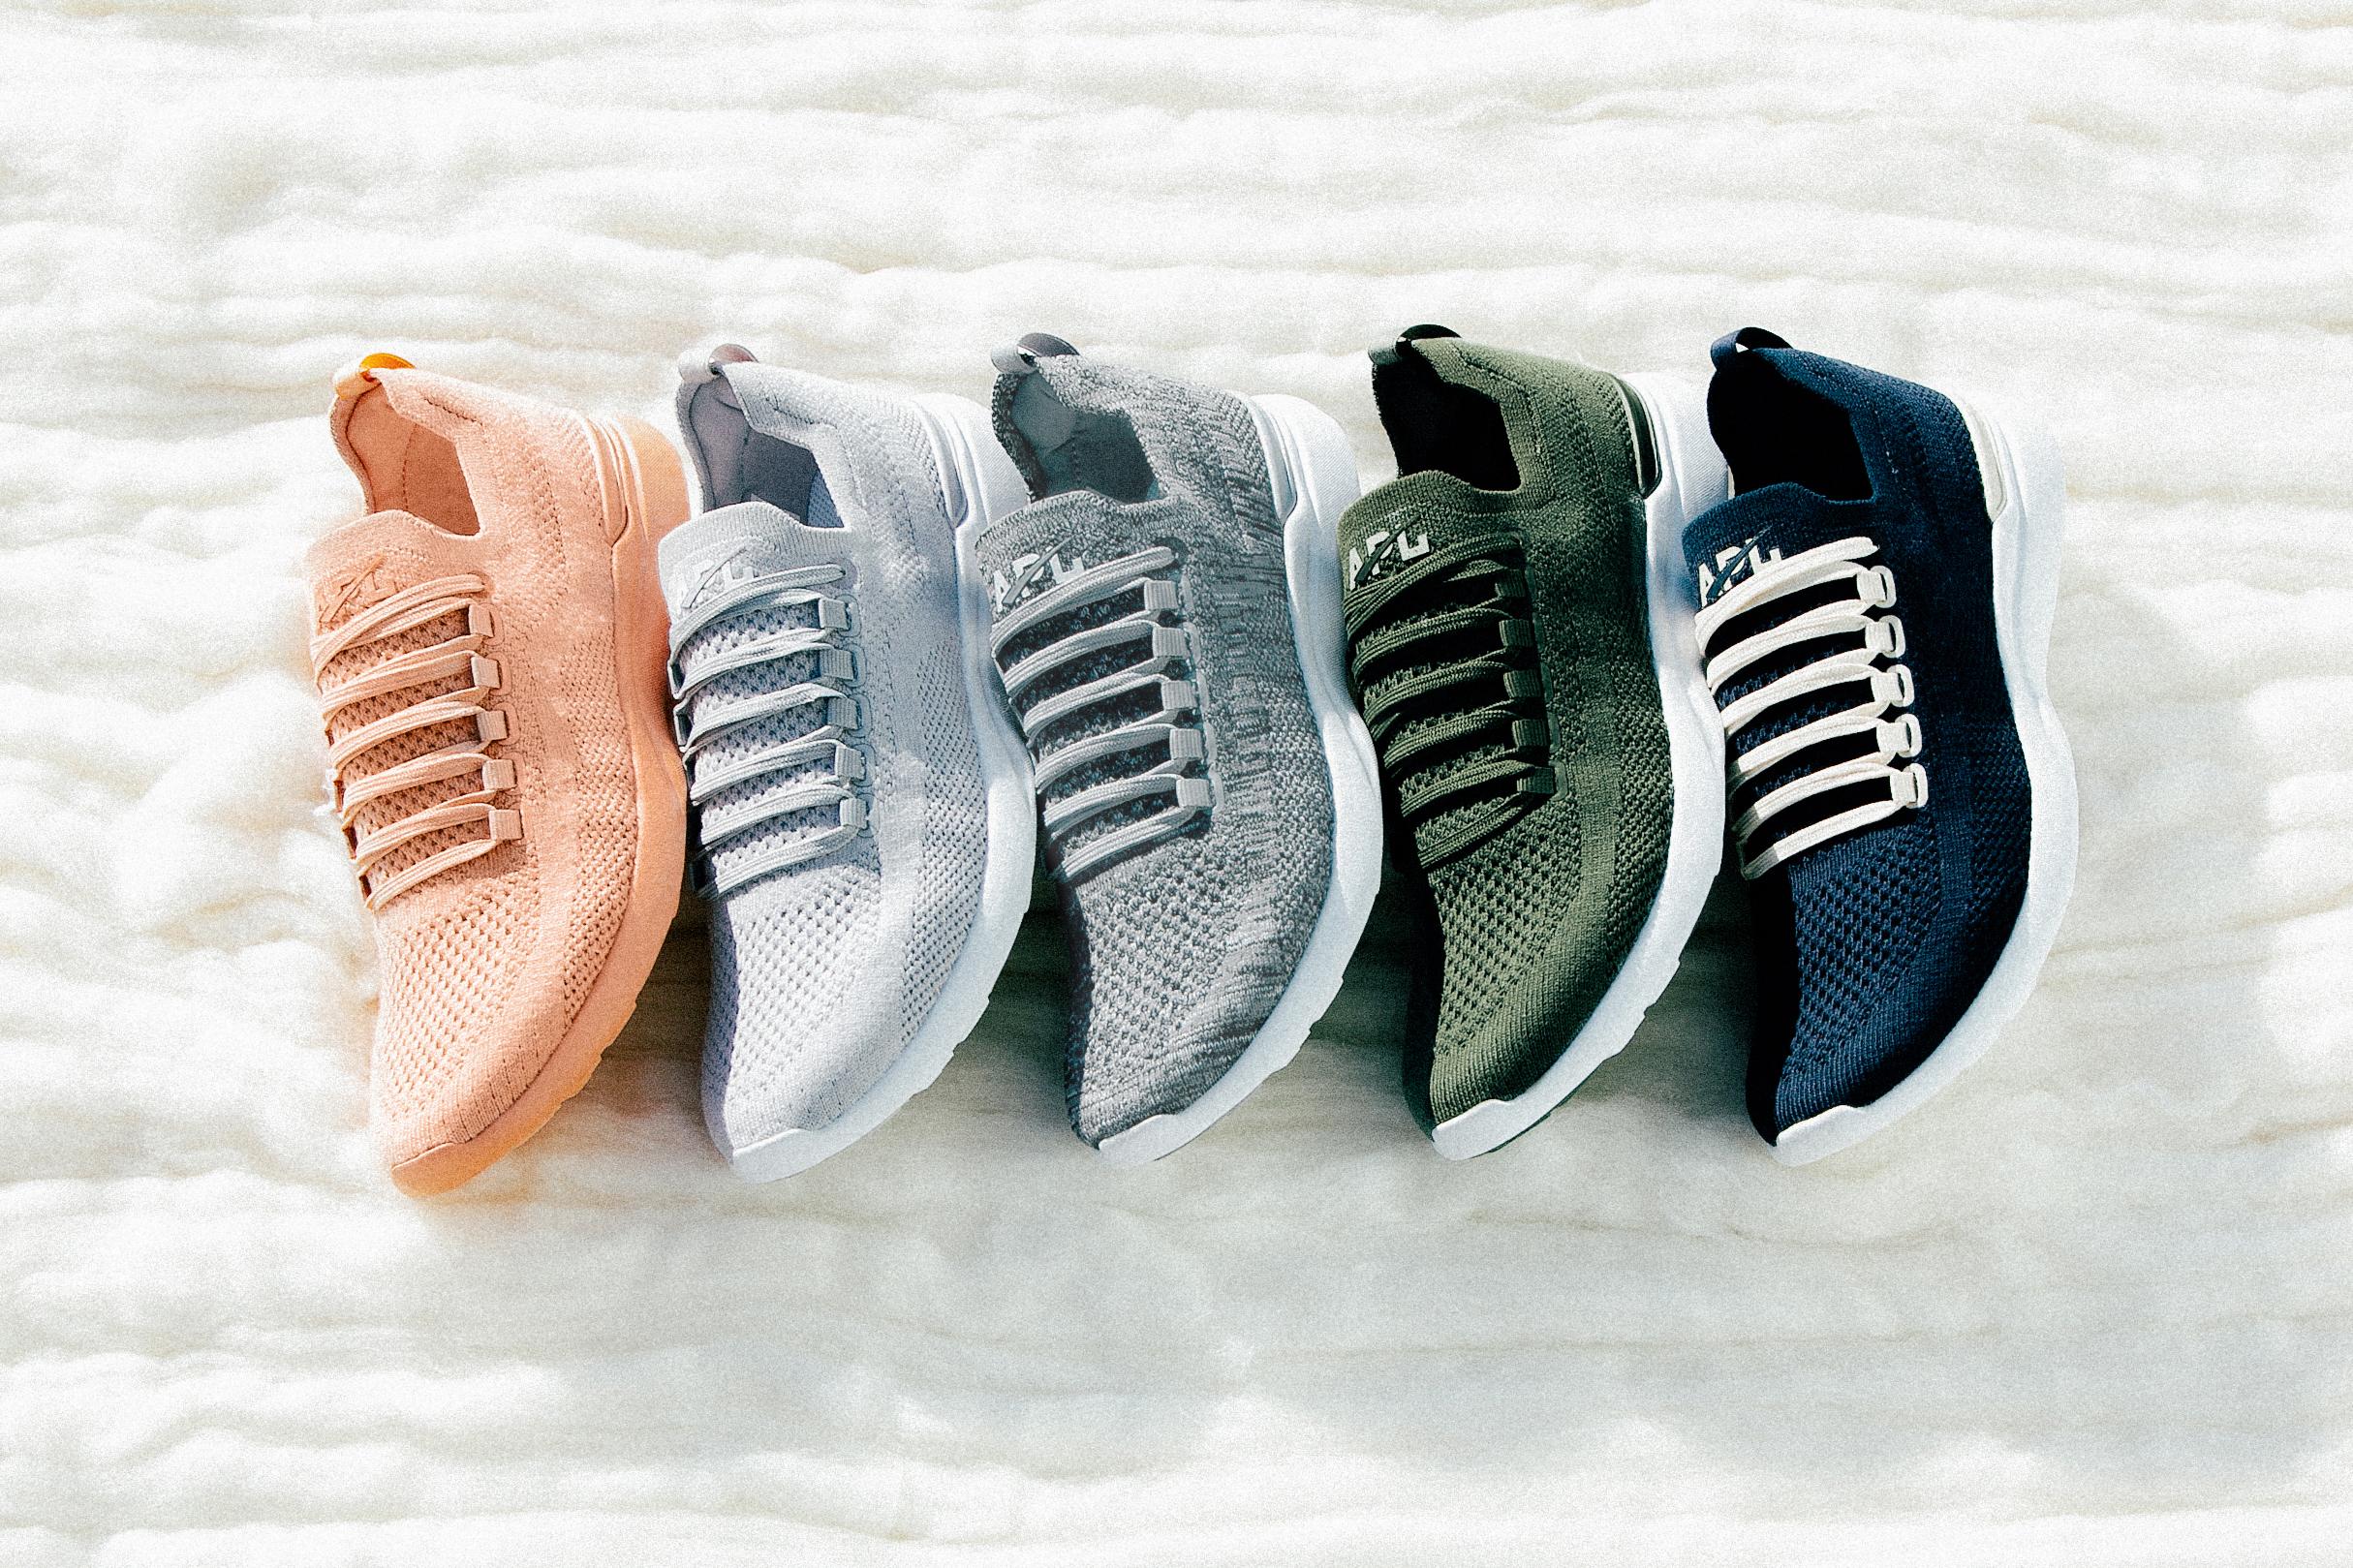 Woolmark Company-Certified Running Shoe